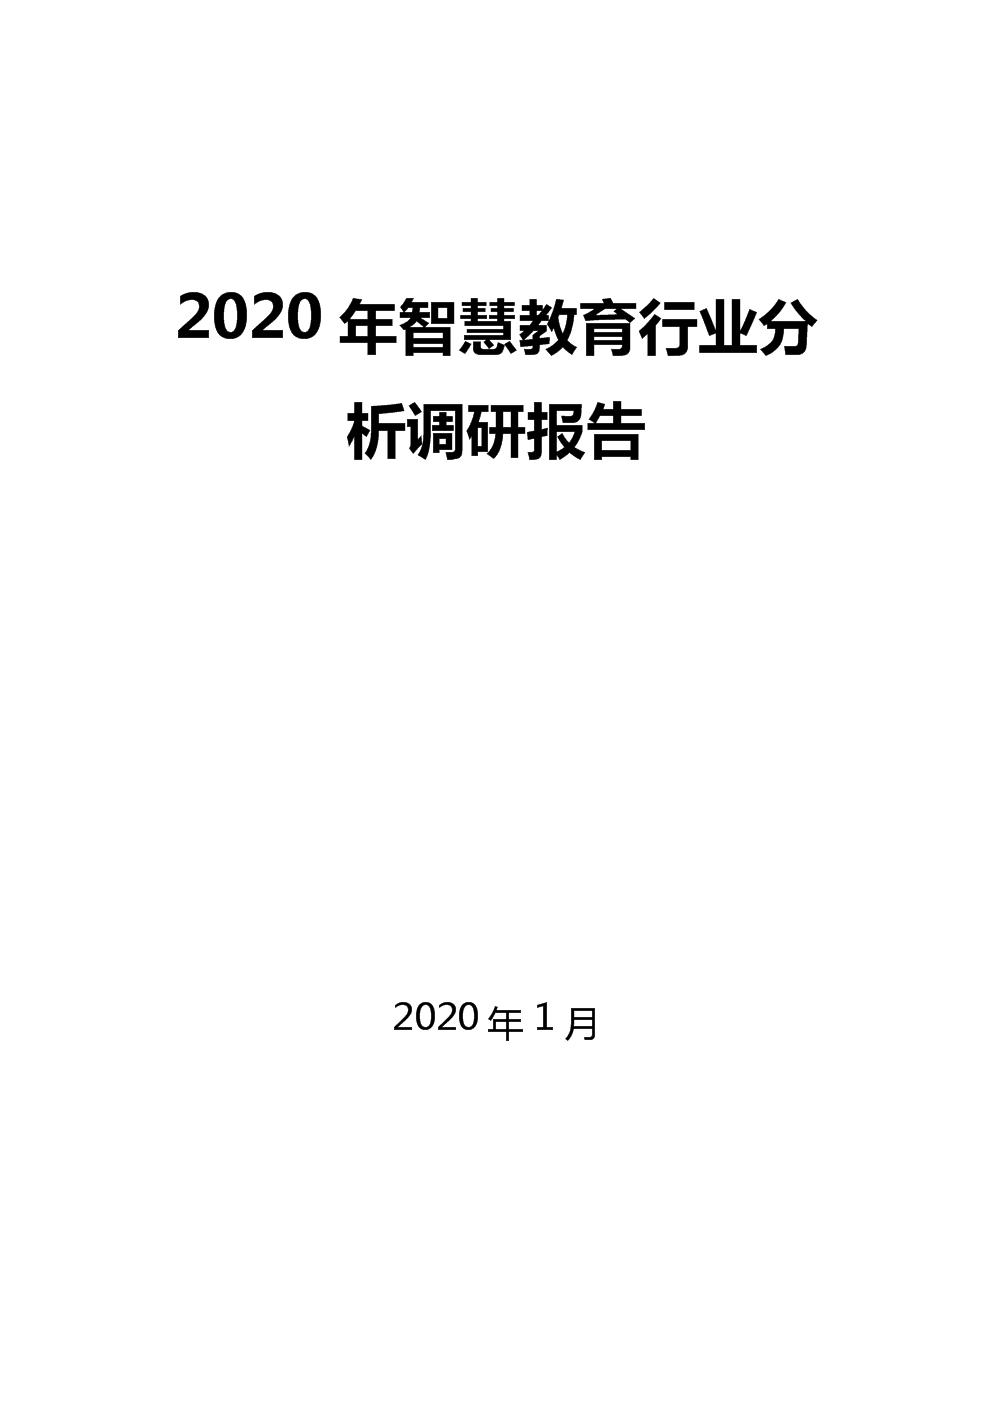 2020智慧教育行业分析调研.docx